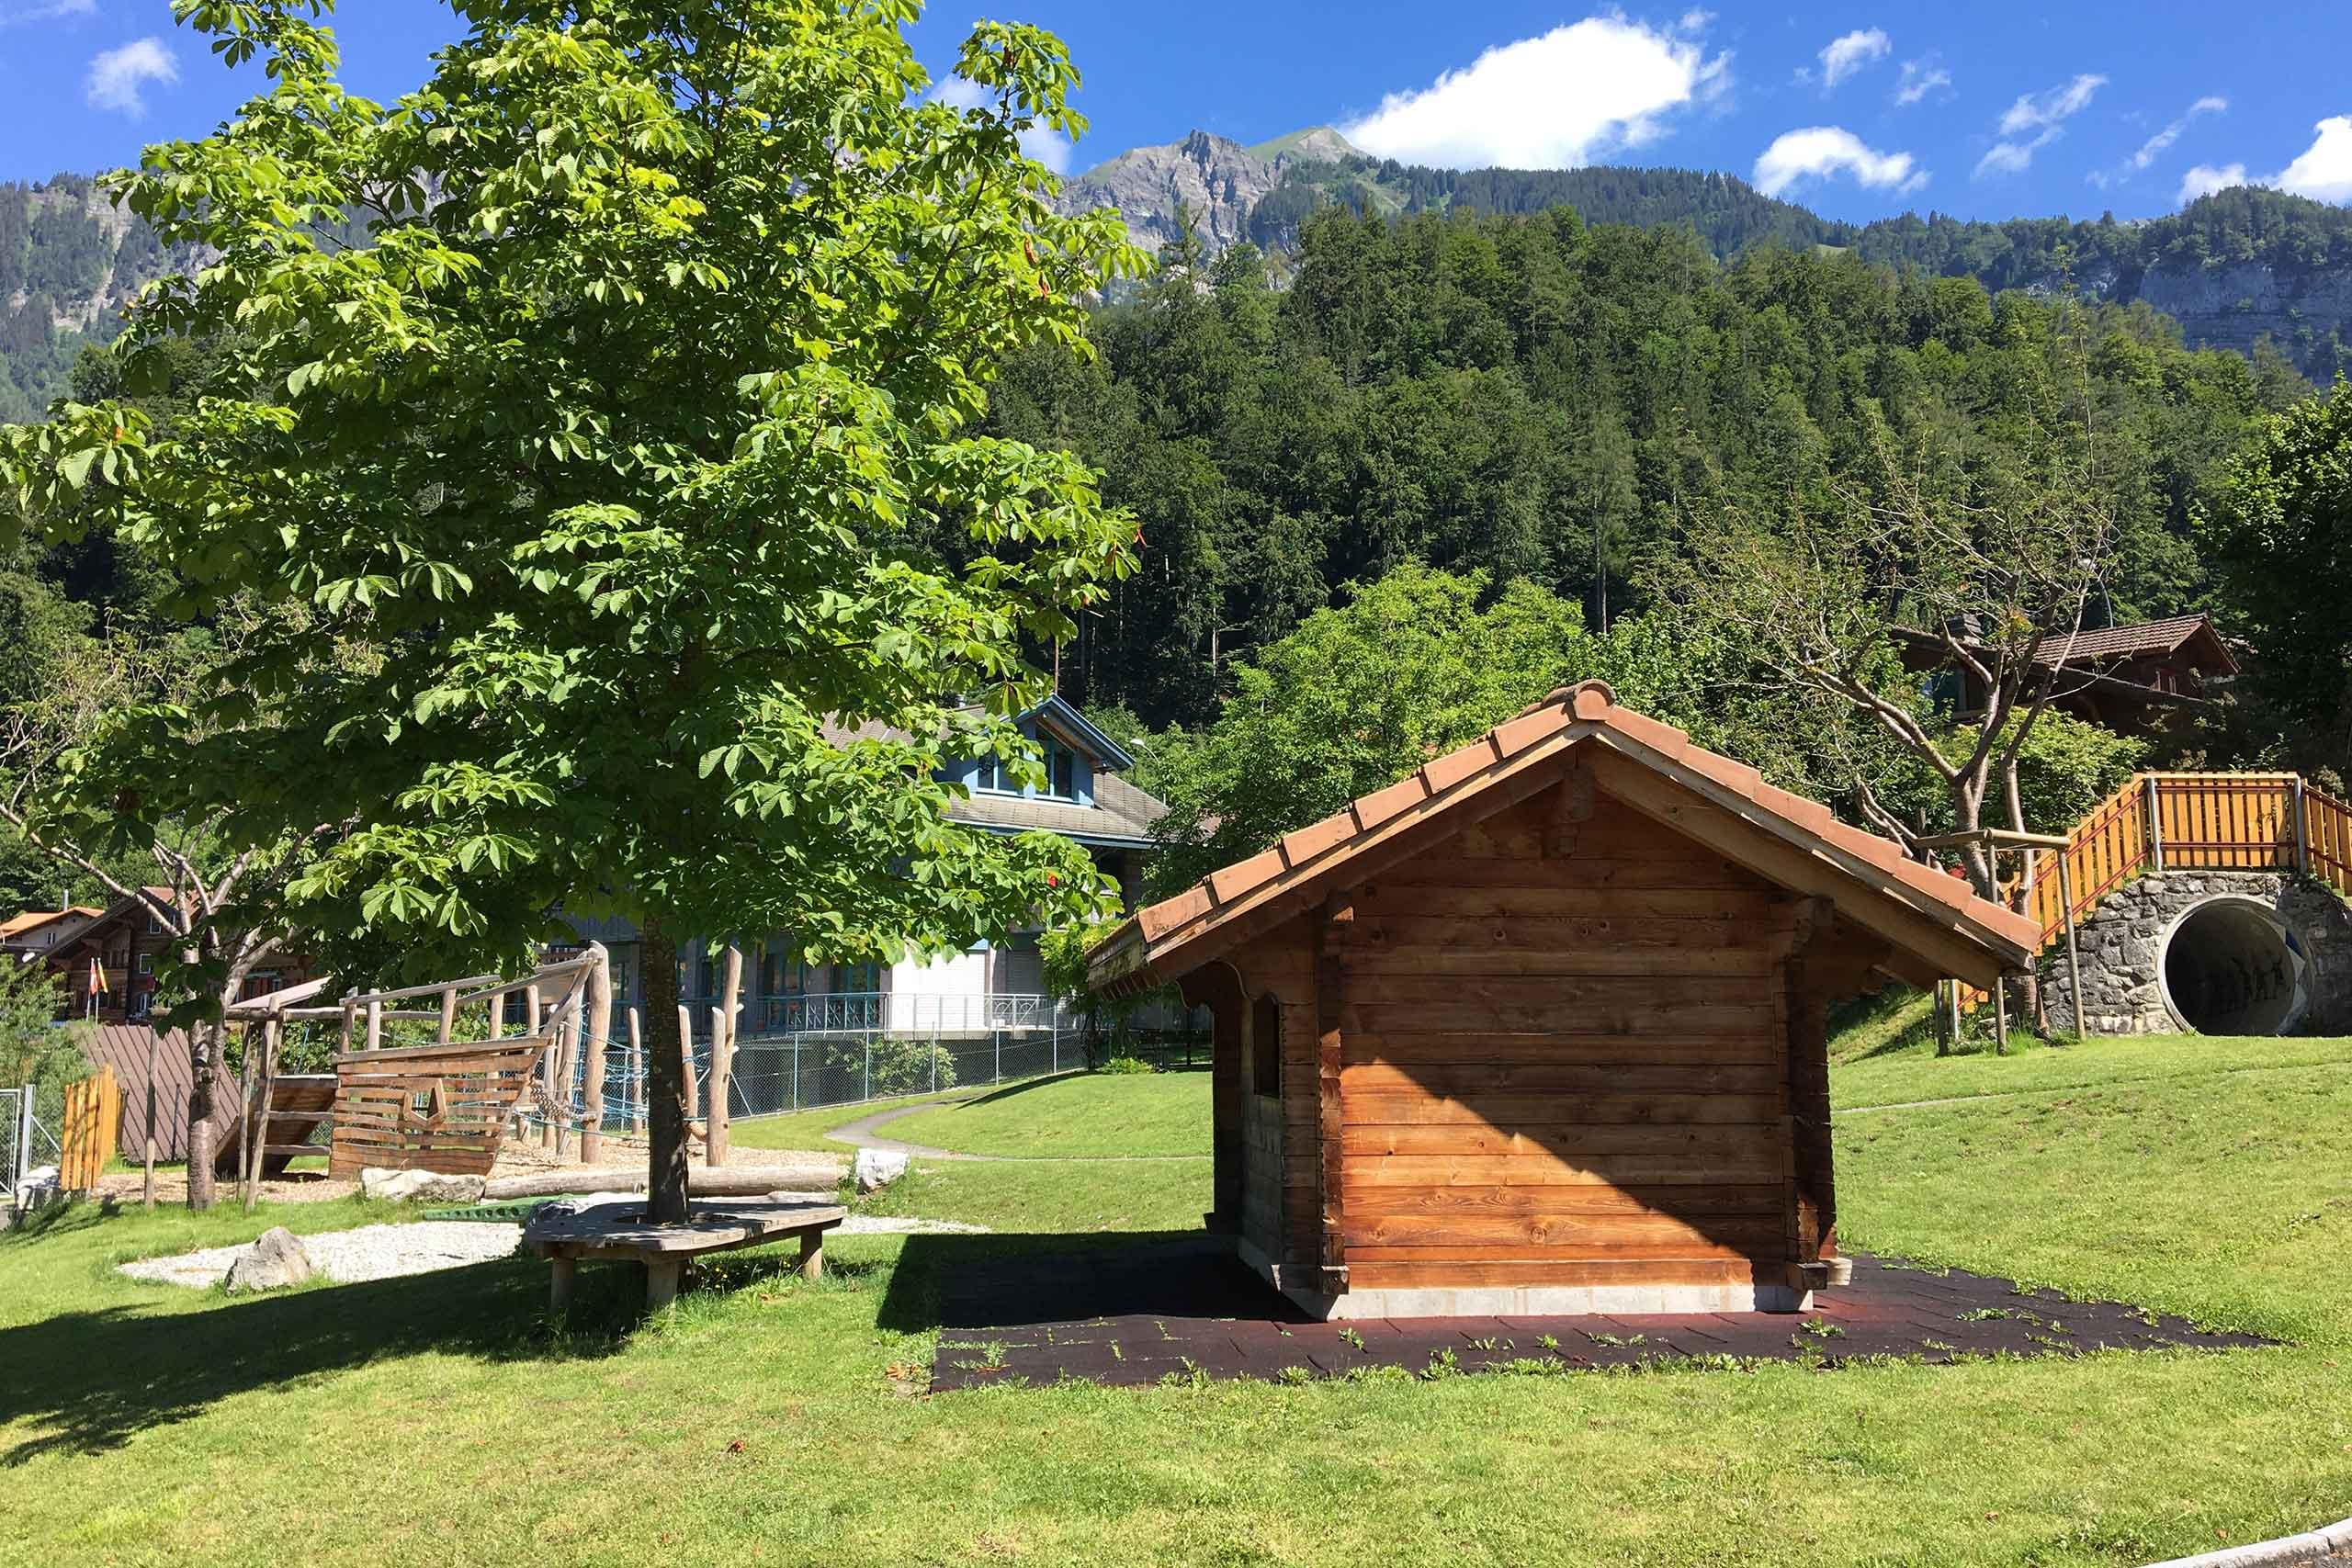 spielplatz-max-buri-brienz-spielhaus-sitzplatz-rasen.jpg